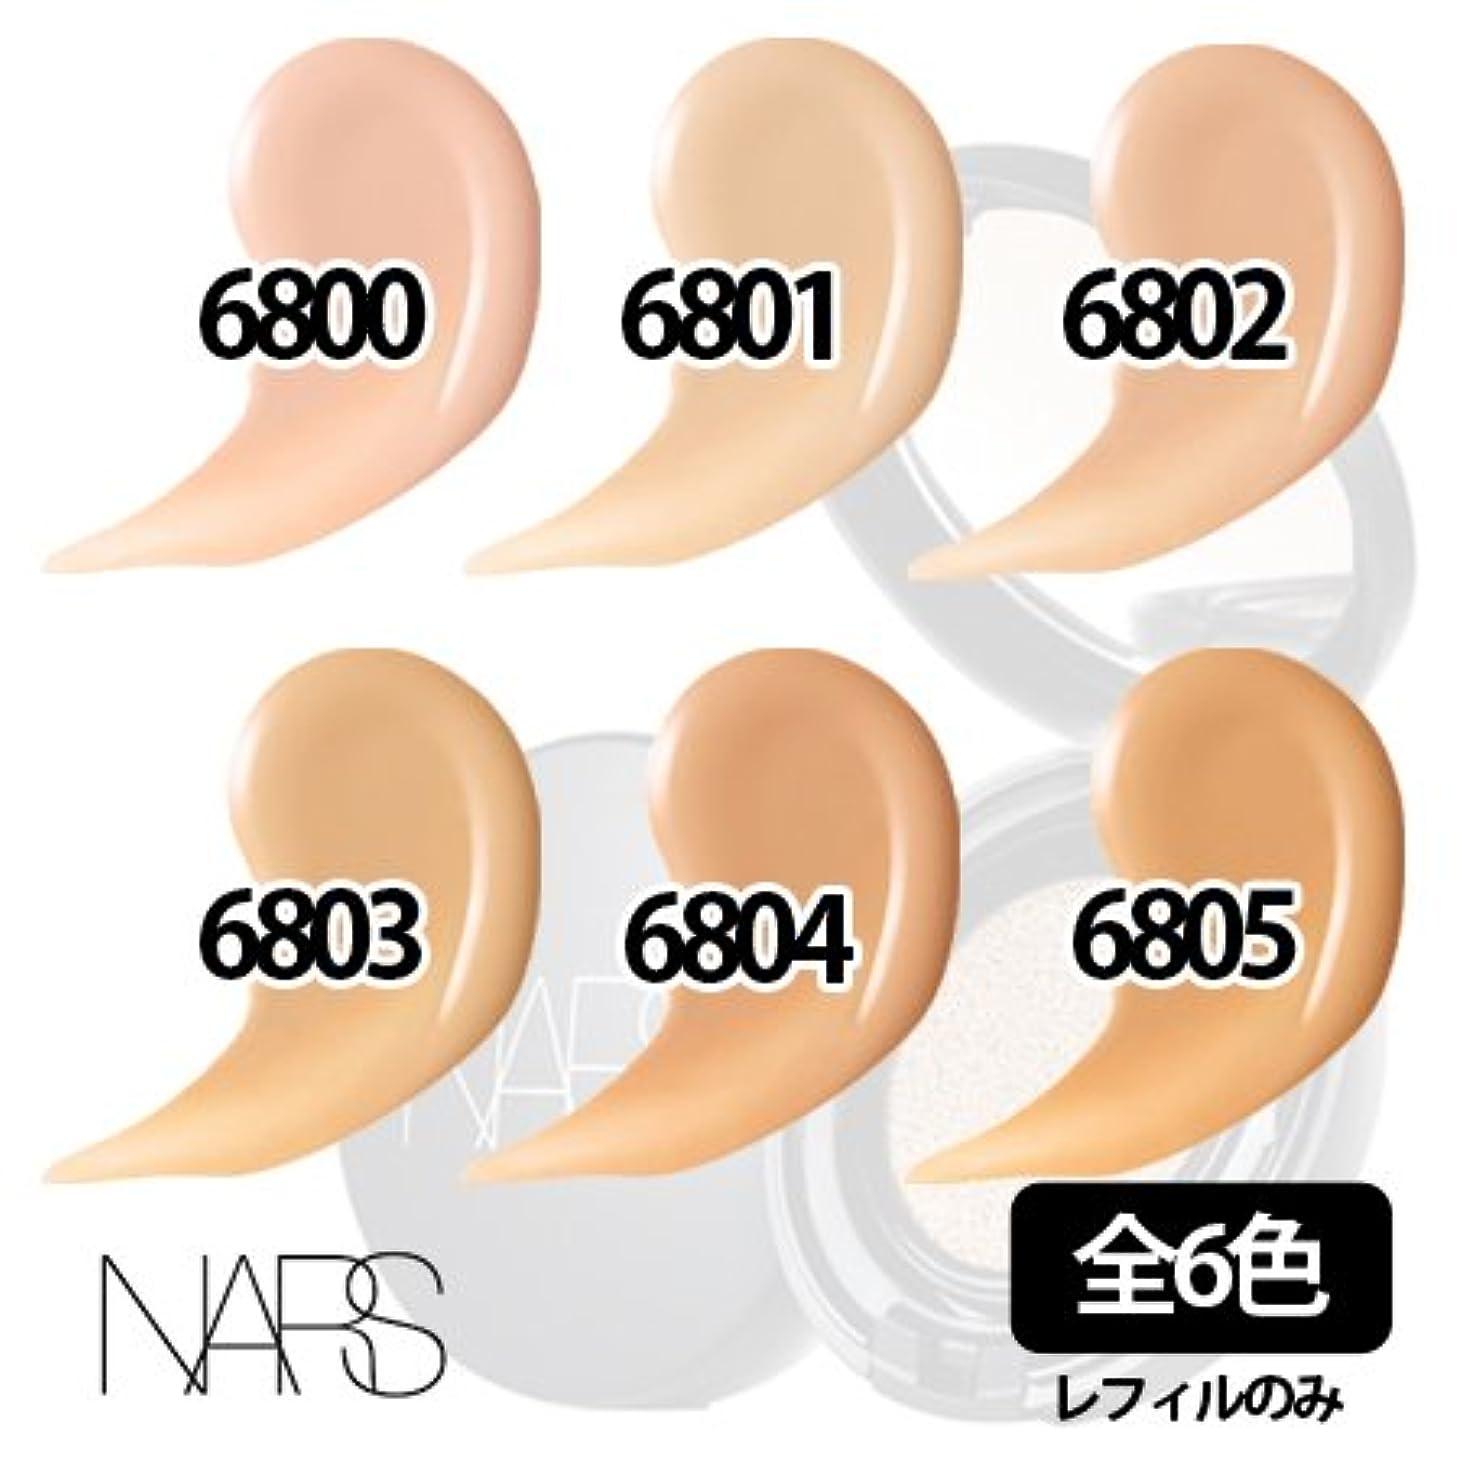 入場細い思慮深いナーズ アクアティック グロー クッションコンパクト 全6色 [アジア限定] -NARS- (レフィルのみ ※スポンジ付き) 【並行輸入品】 6805